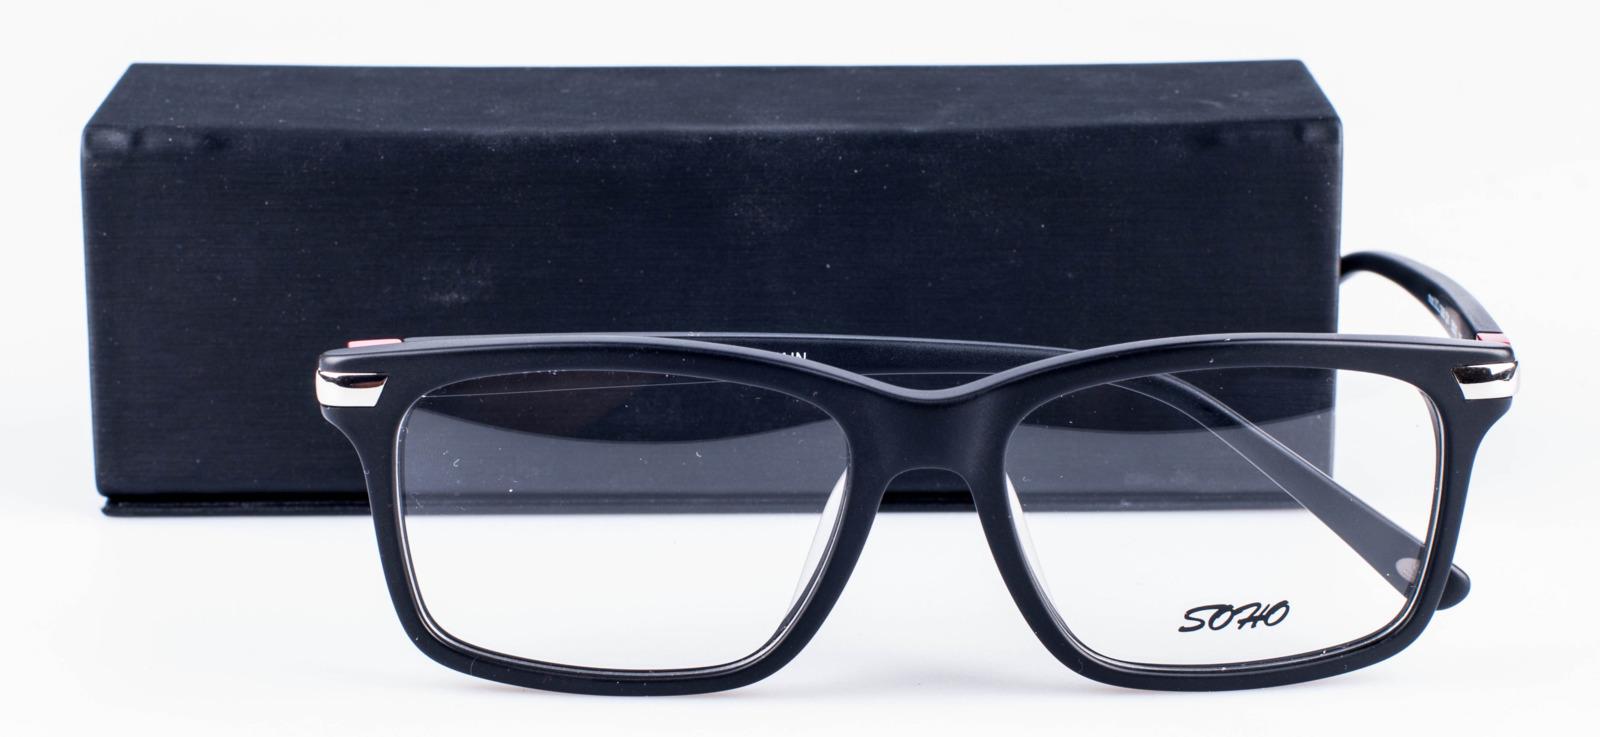 Оправа для очков мужская Soho, SCL1006 C01, черный оправа для очков dixon 2014 d9917